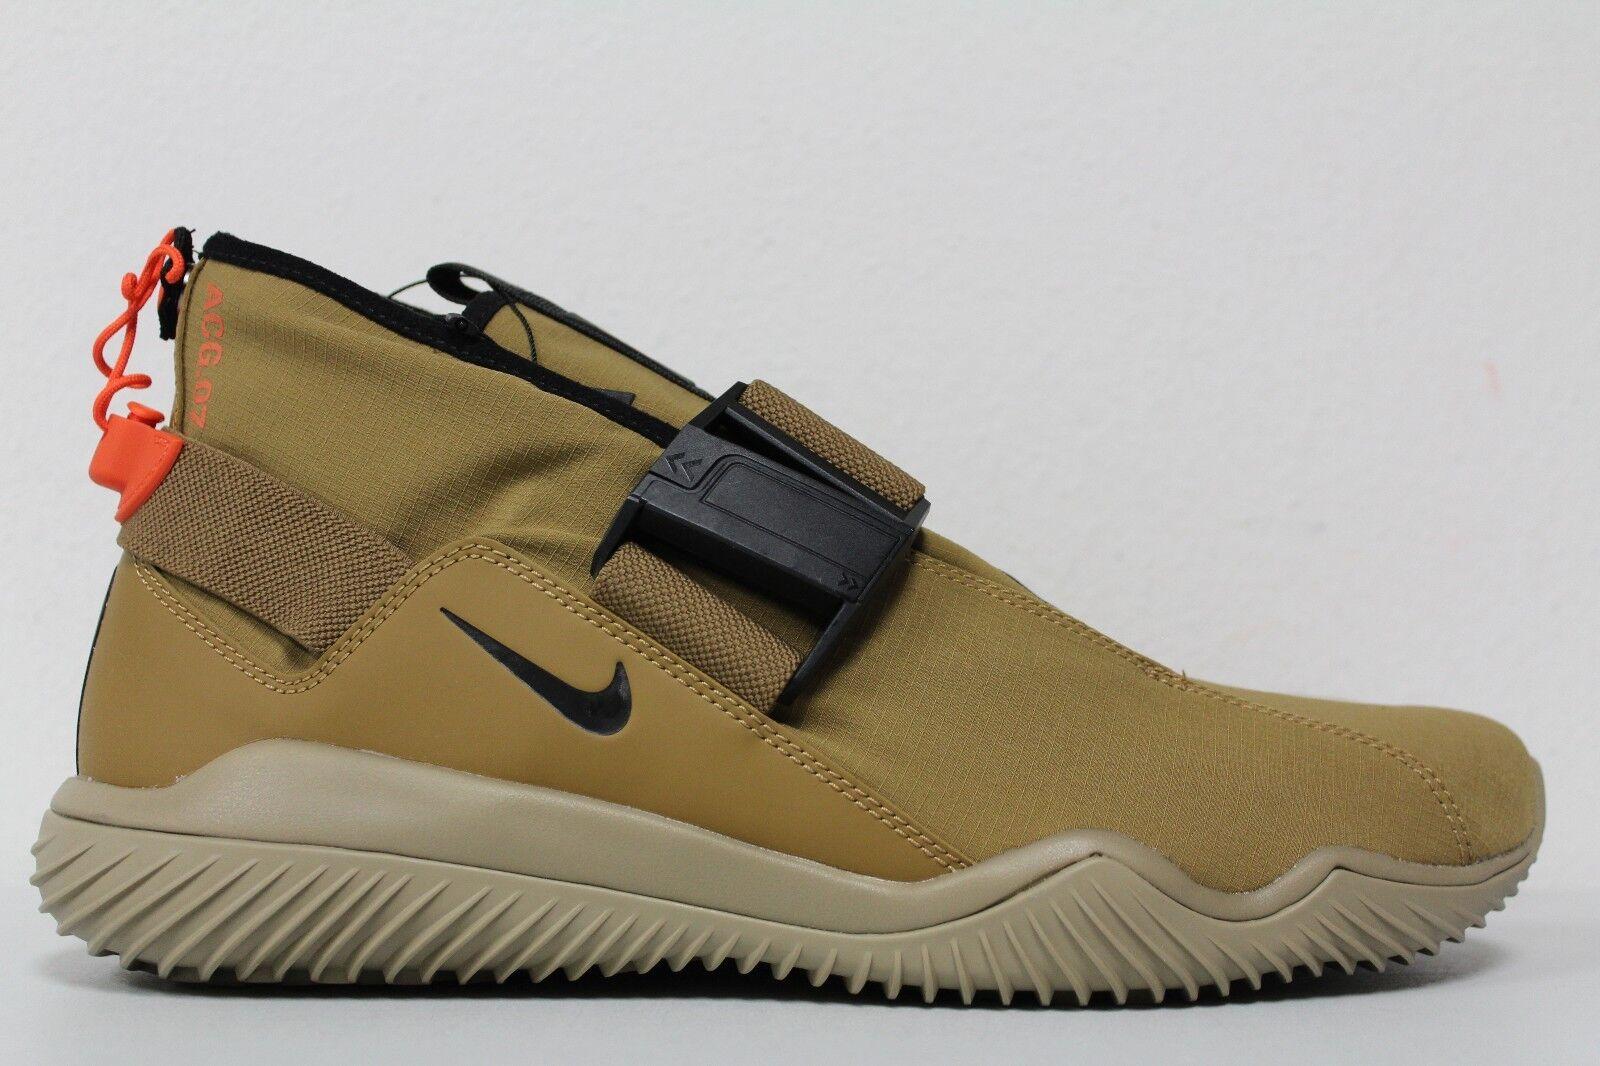 Nike Lab ACG 07 KMTR Komuyter Golden Retail Beige Black Khaki Offer 902776-201